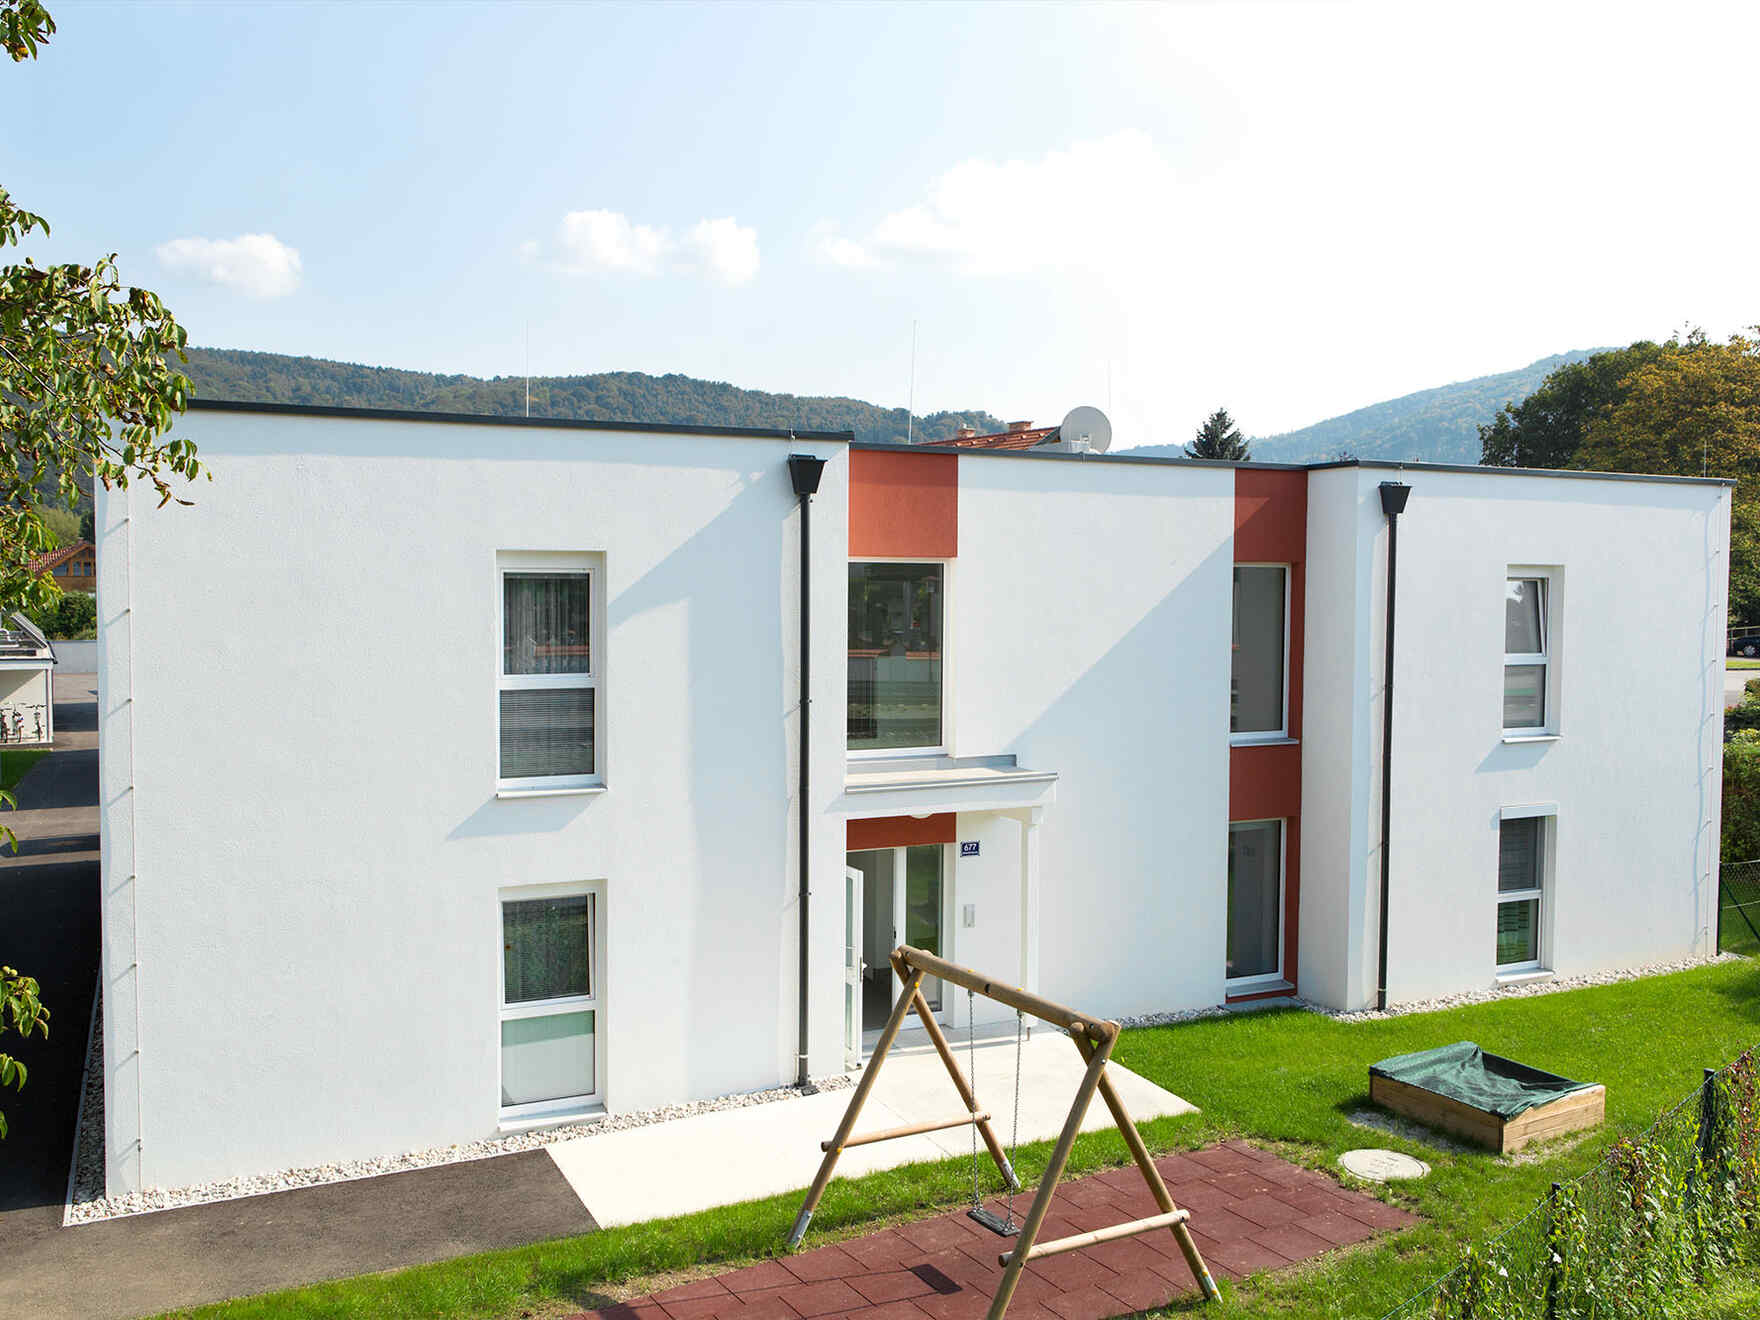 Maison préfabriquée Wohnanlage mit 10 Einheiten